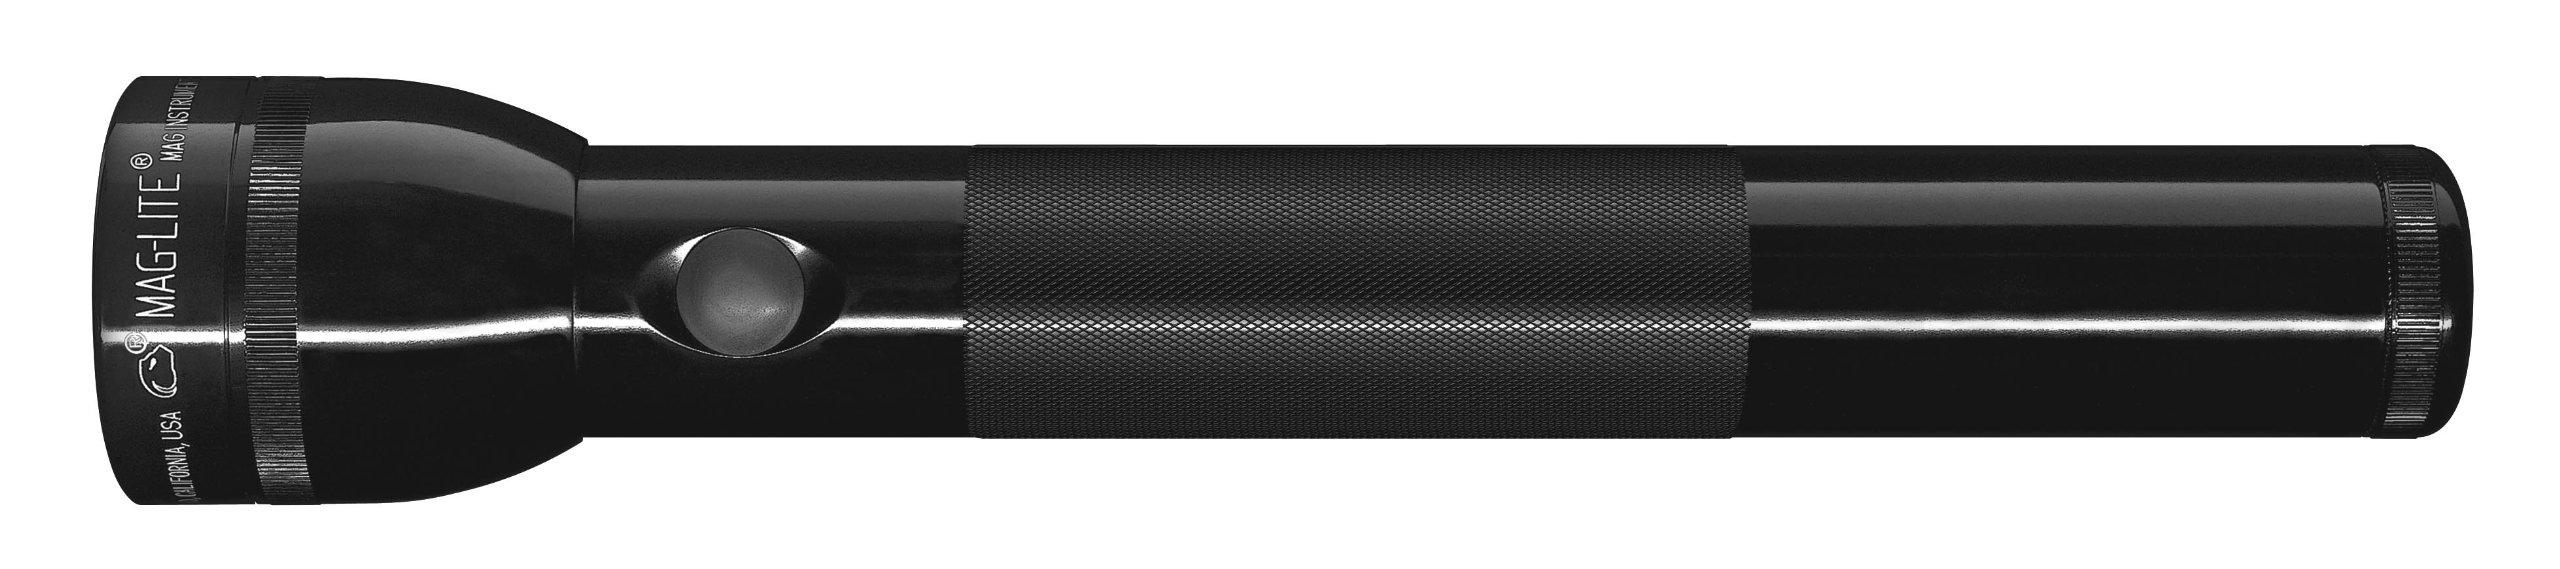 maglite led 3 cell d flashlight black black ebay. Black Bedroom Furniture Sets. Home Design Ideas